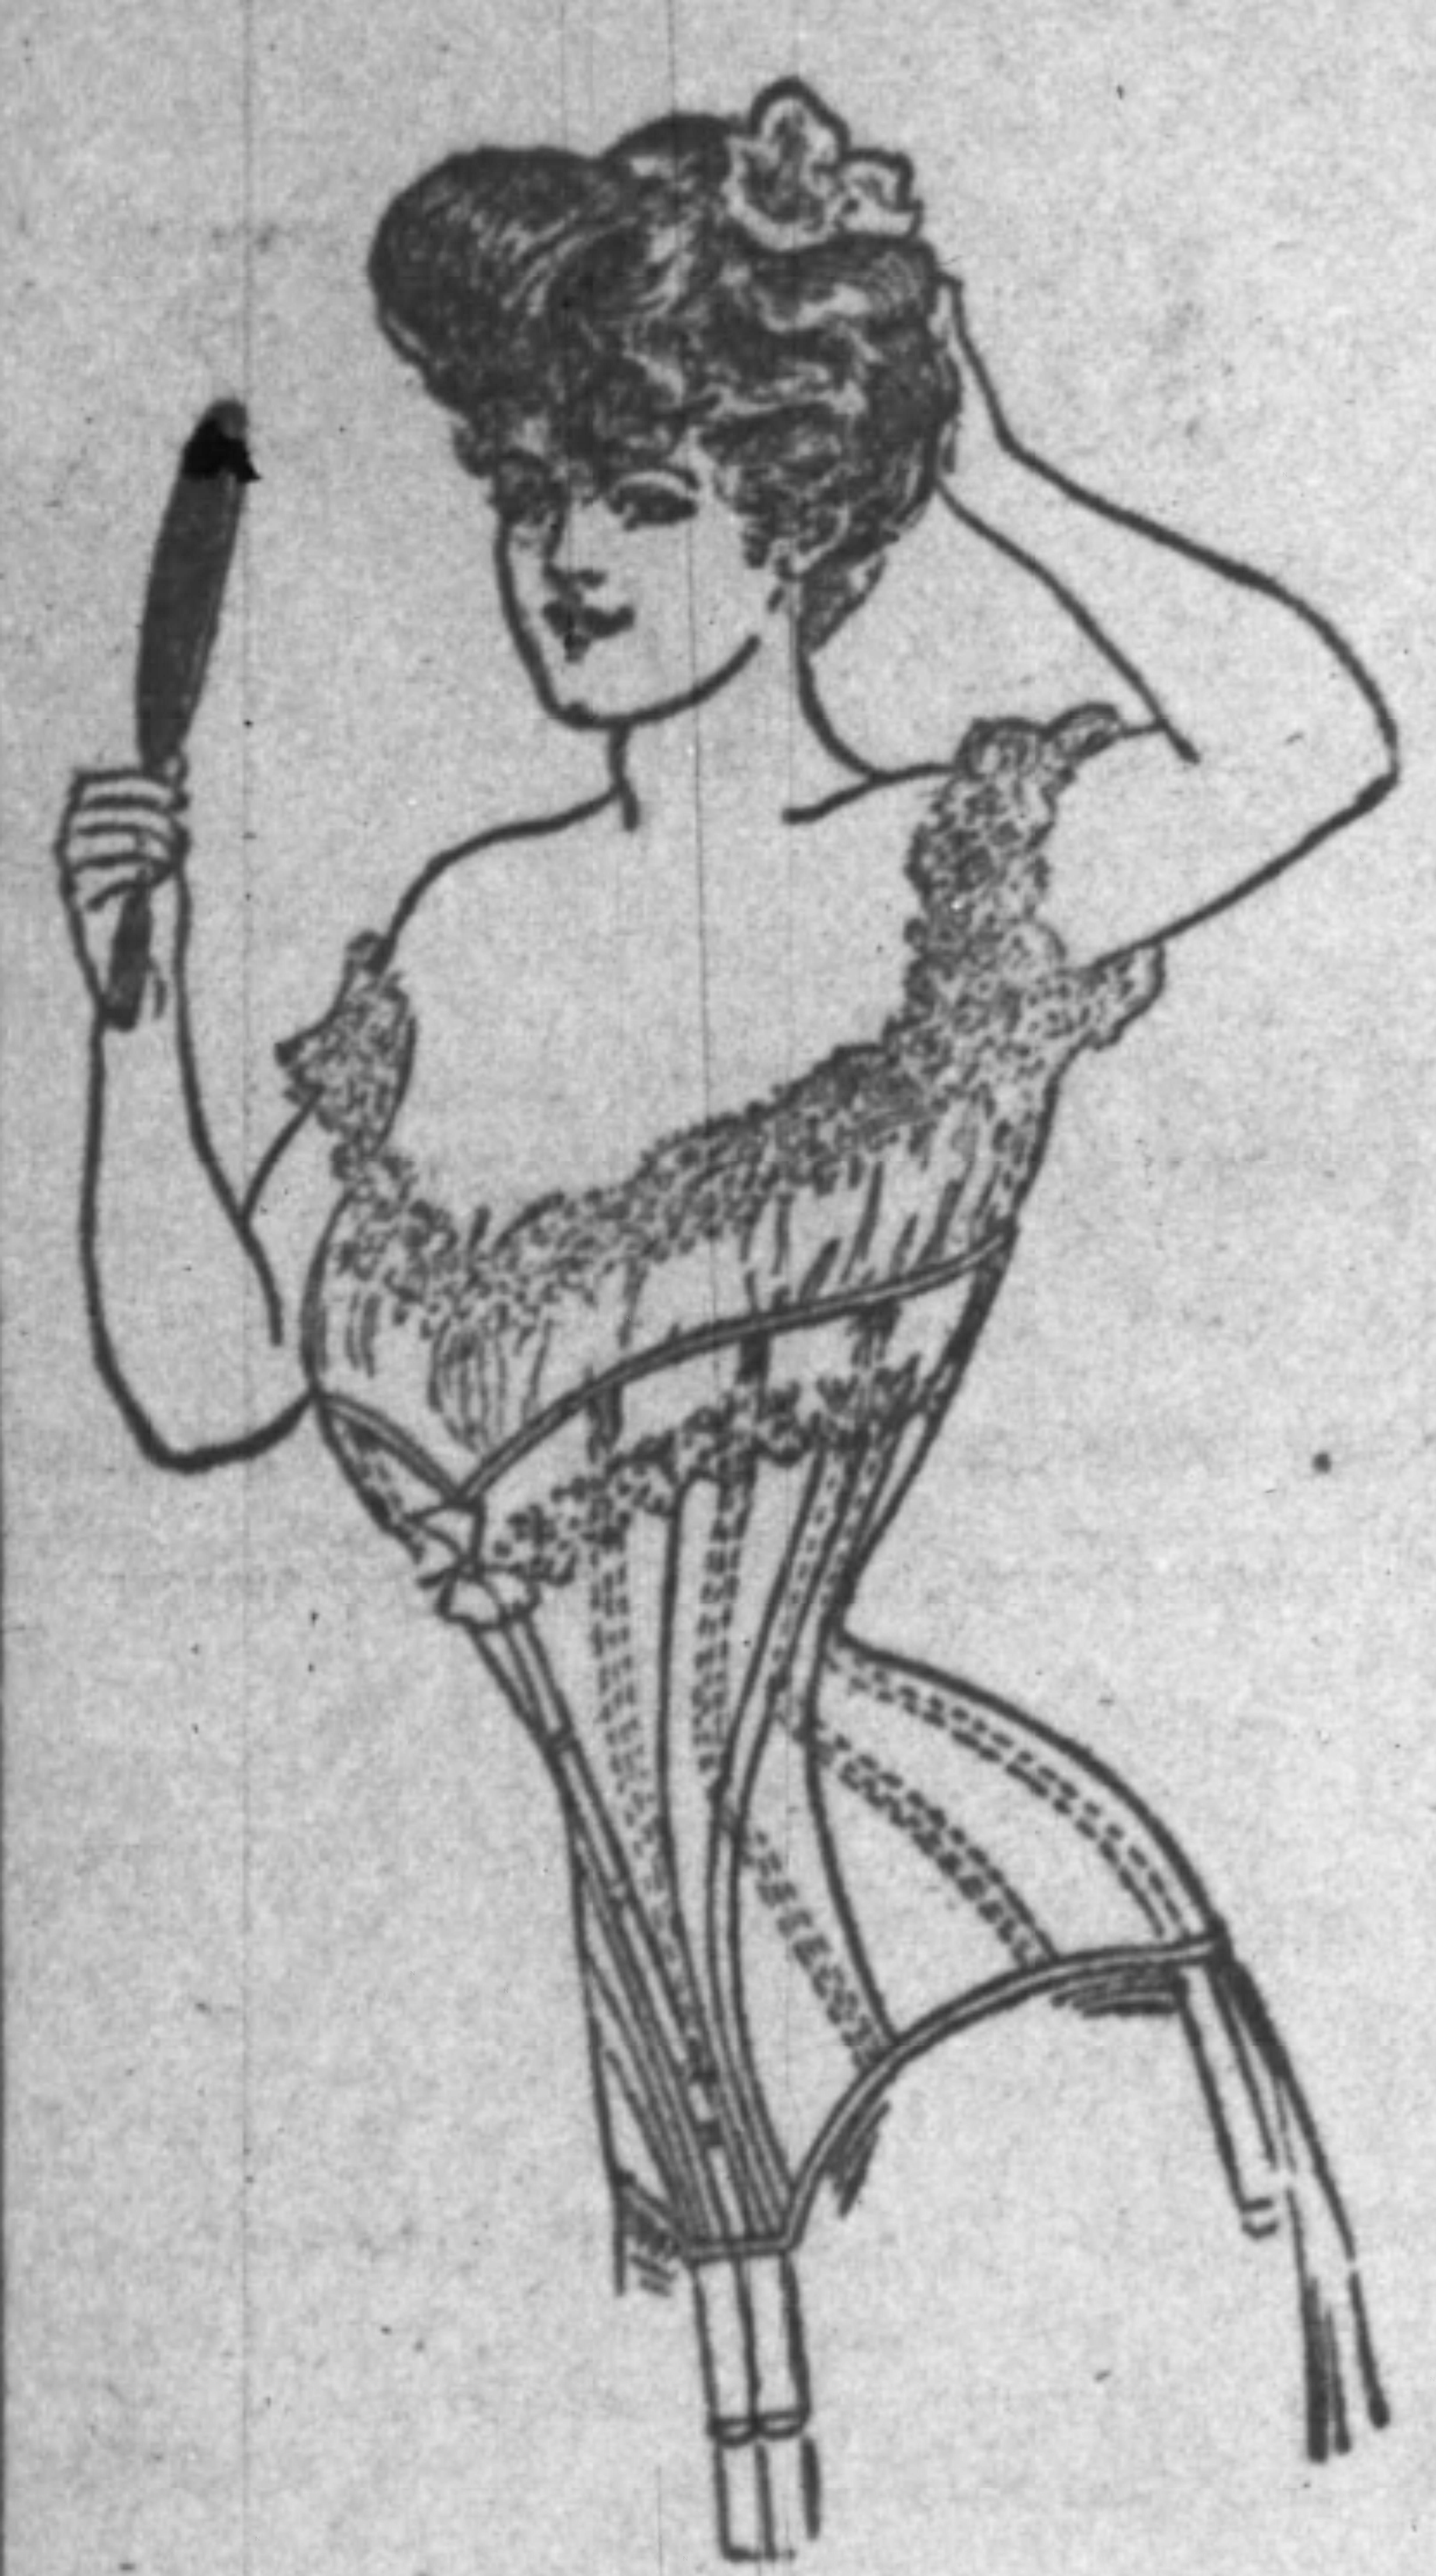 Whalebone corset in 1907